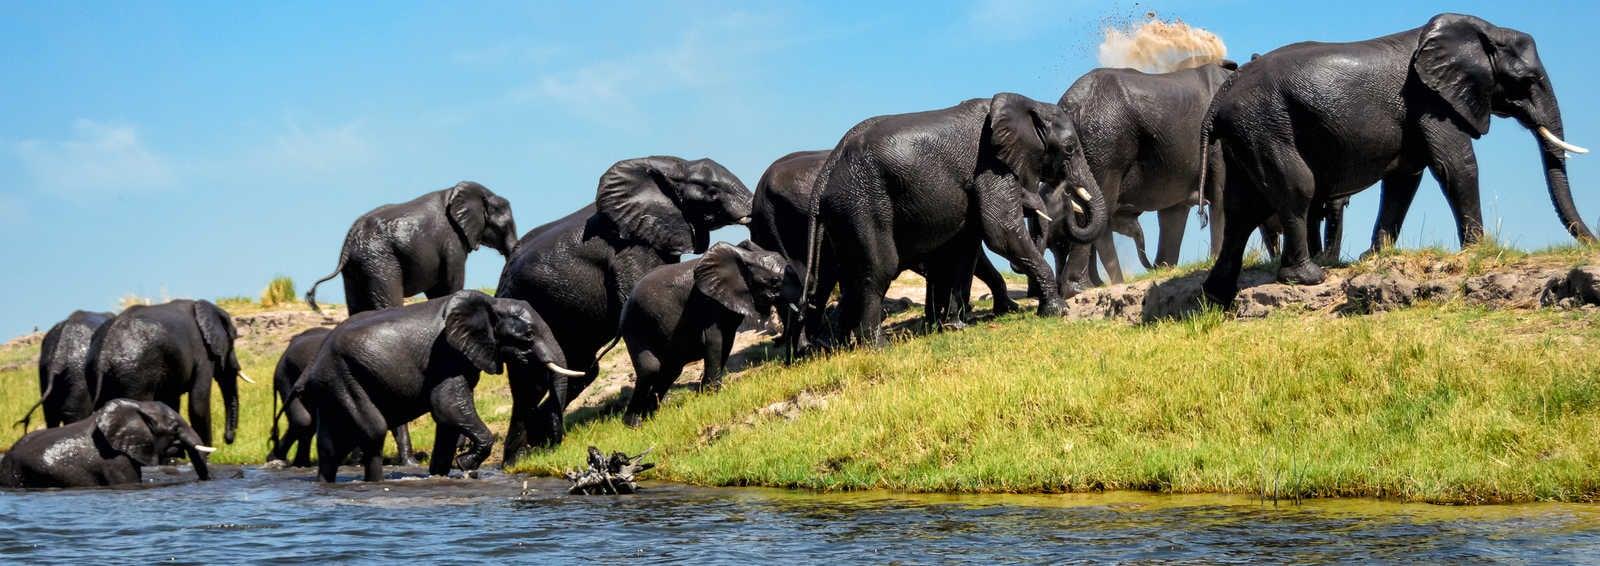 Elephants on a riverbank